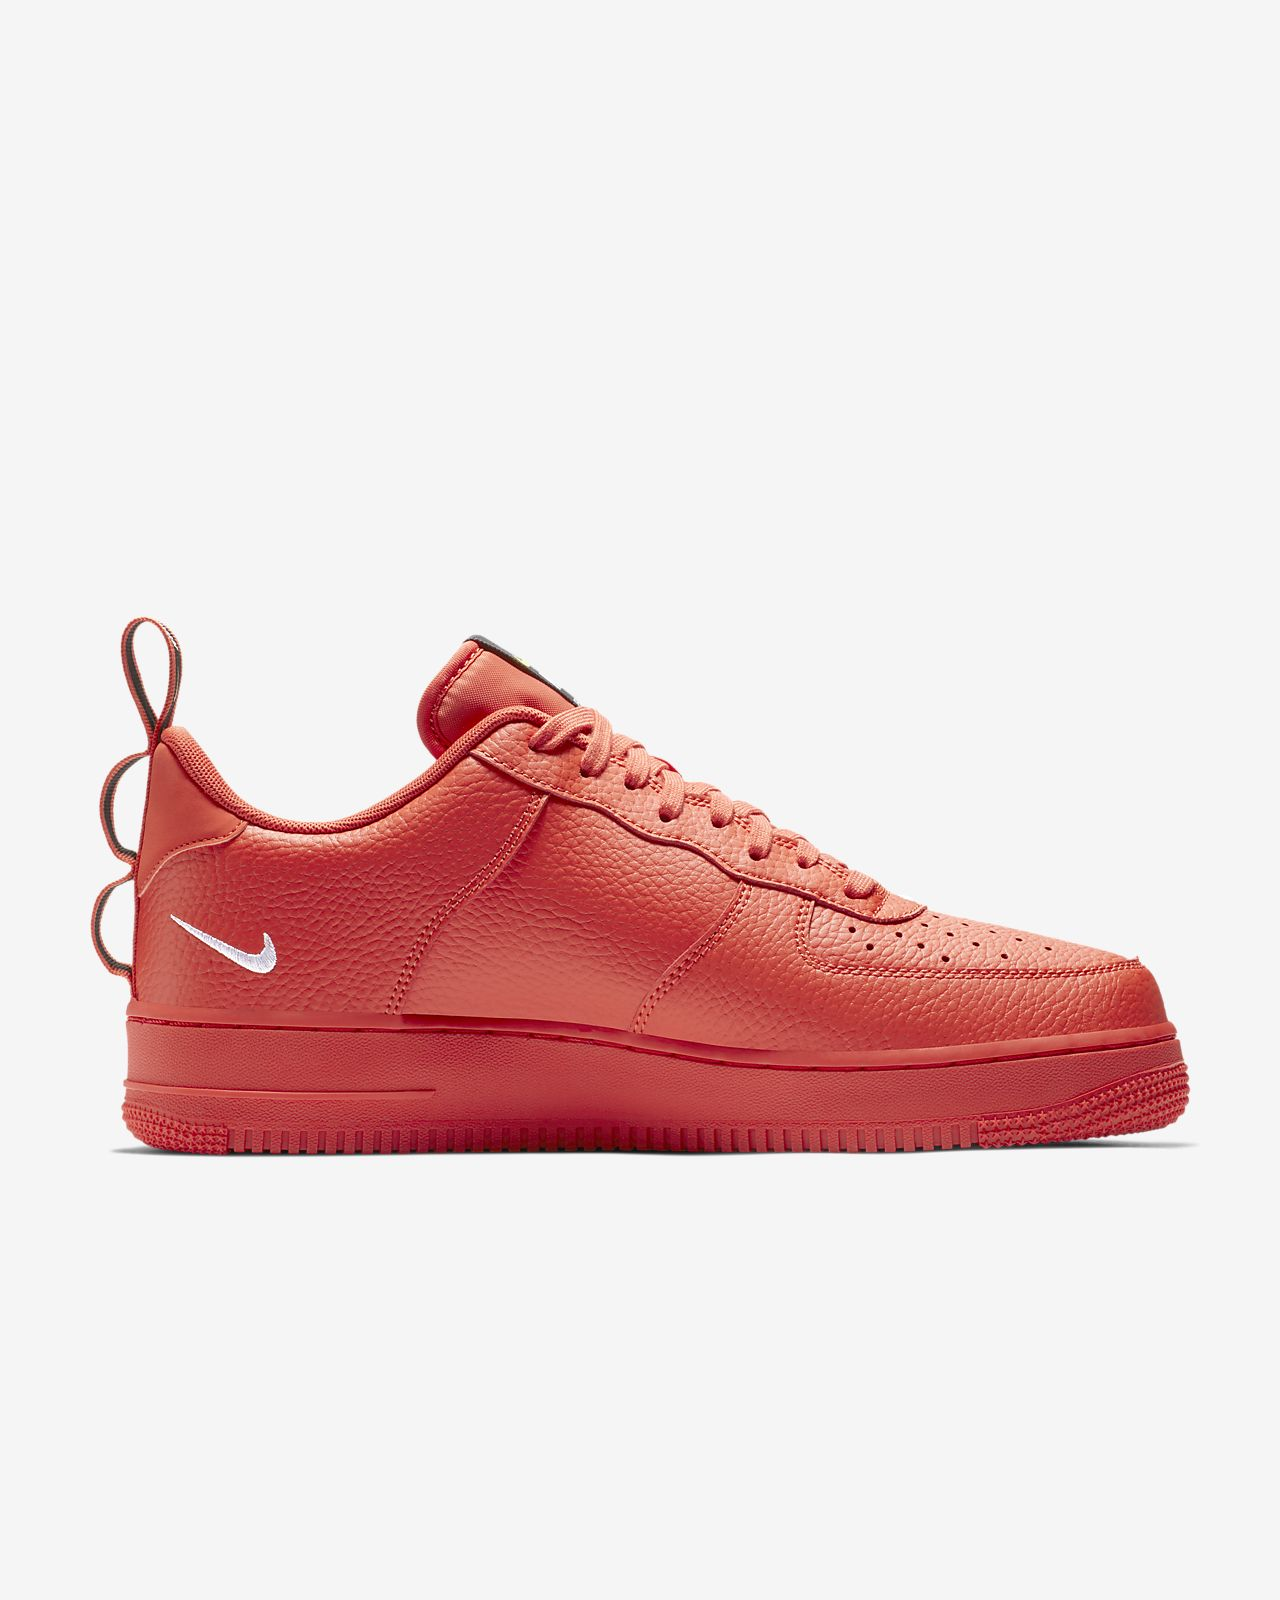 d72698751 Calzado para hombre Nike Air Force 1  07 LV8 Utility. Nike.com CL